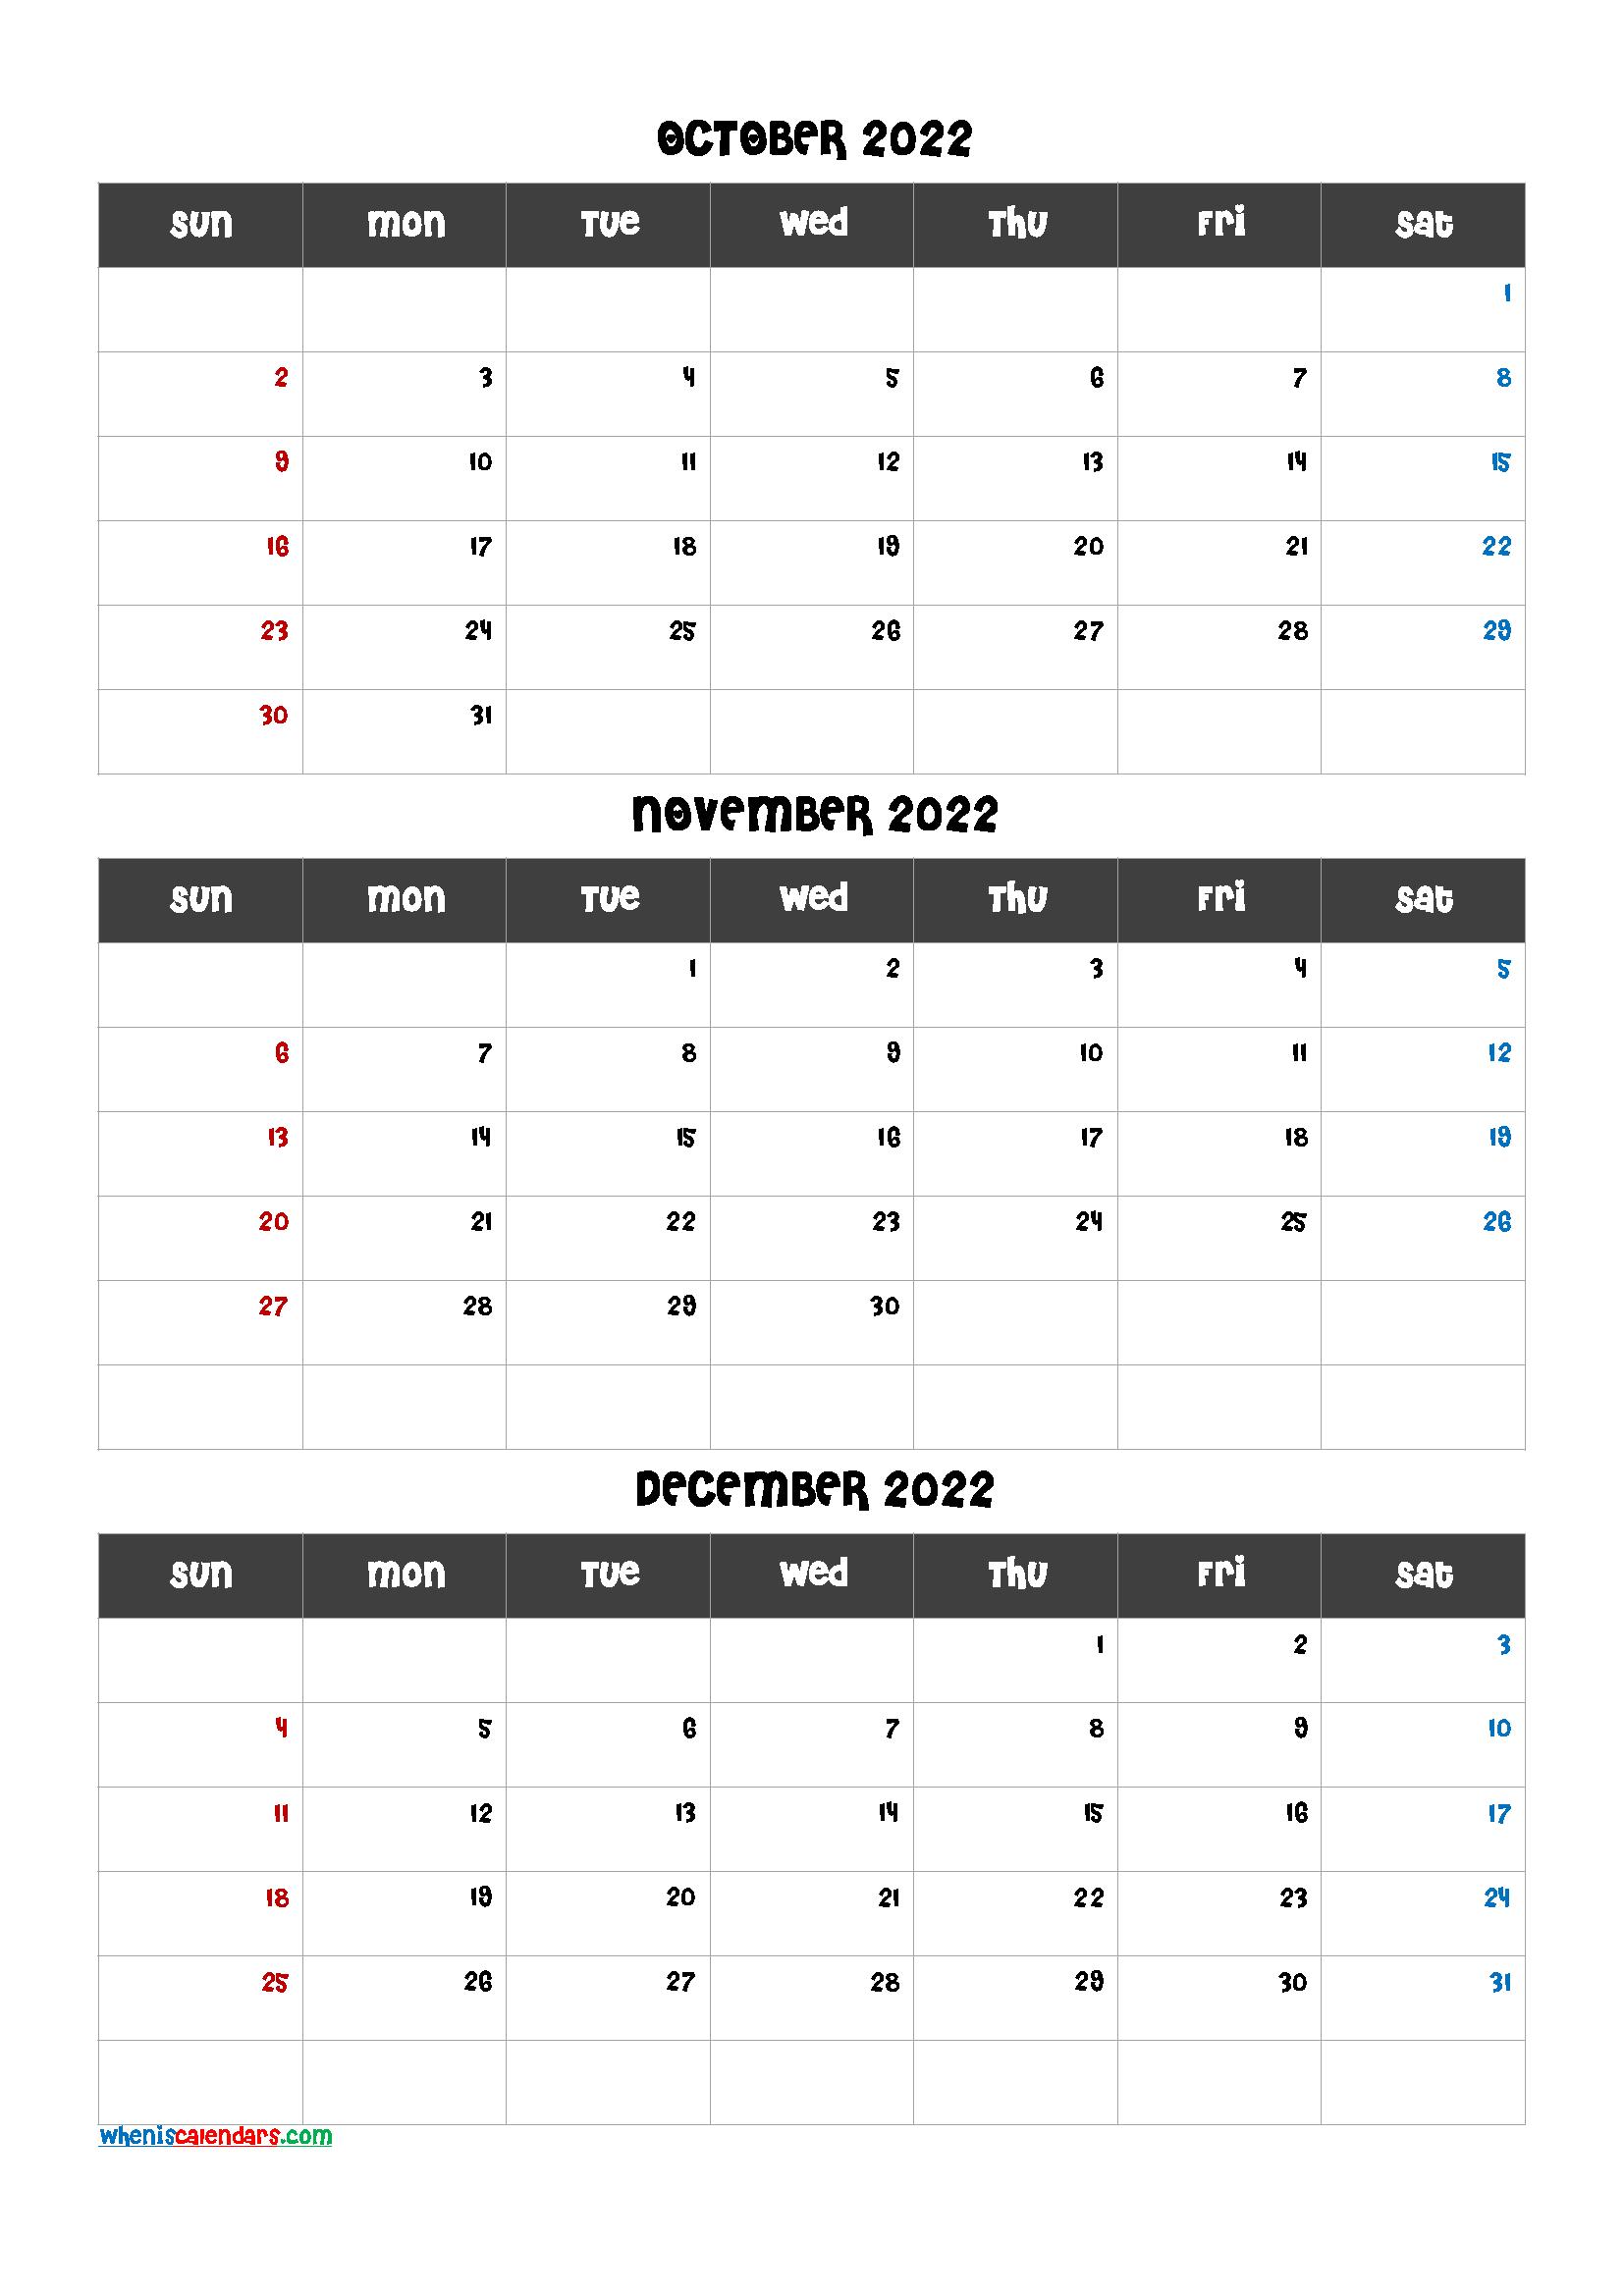 Calendar October November December 2022